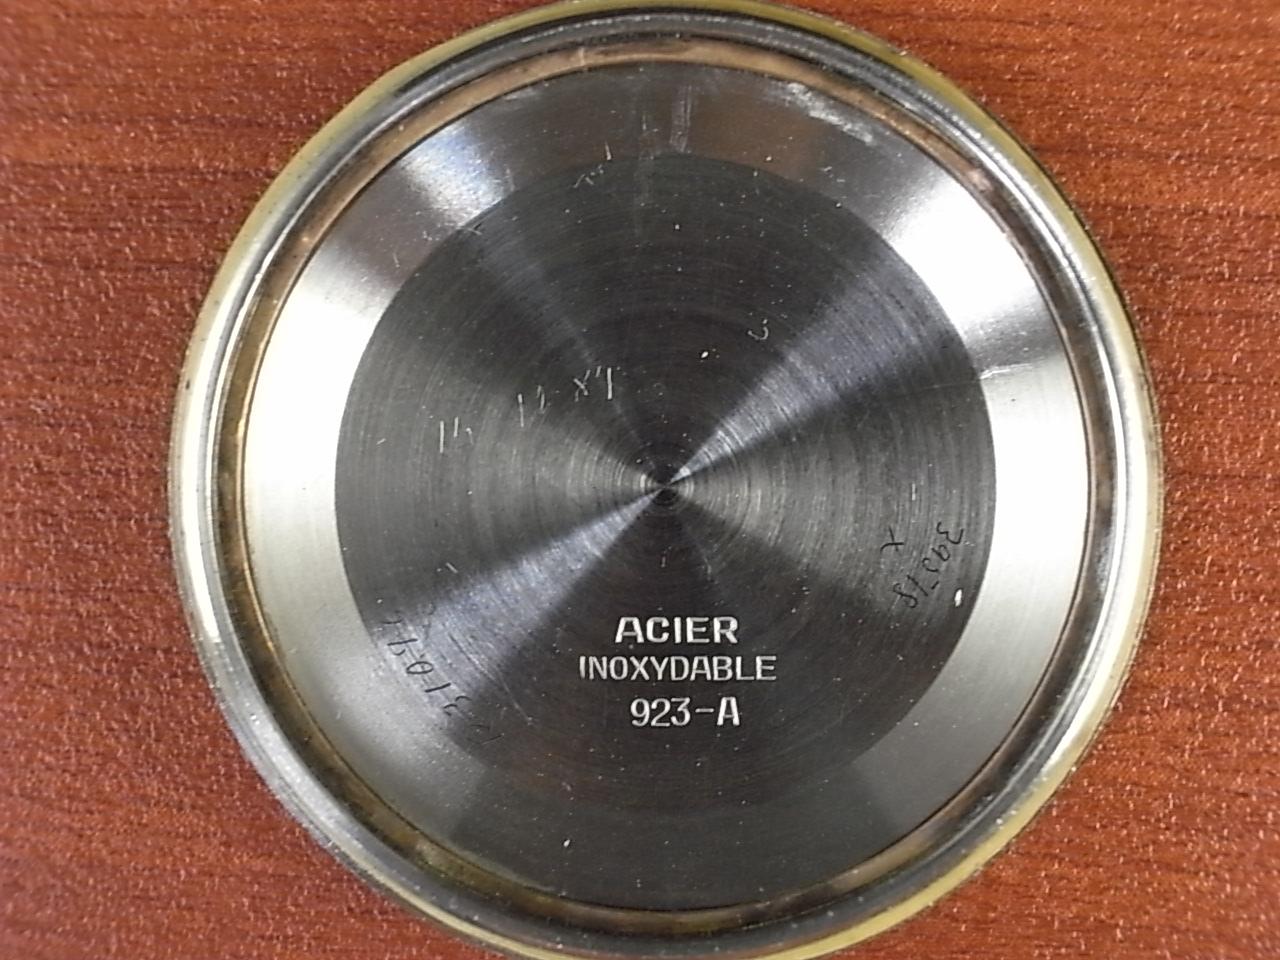 レマニア 2トーンダイアル キャリバー3000 スクリューバック 1950年代の写真6枚目